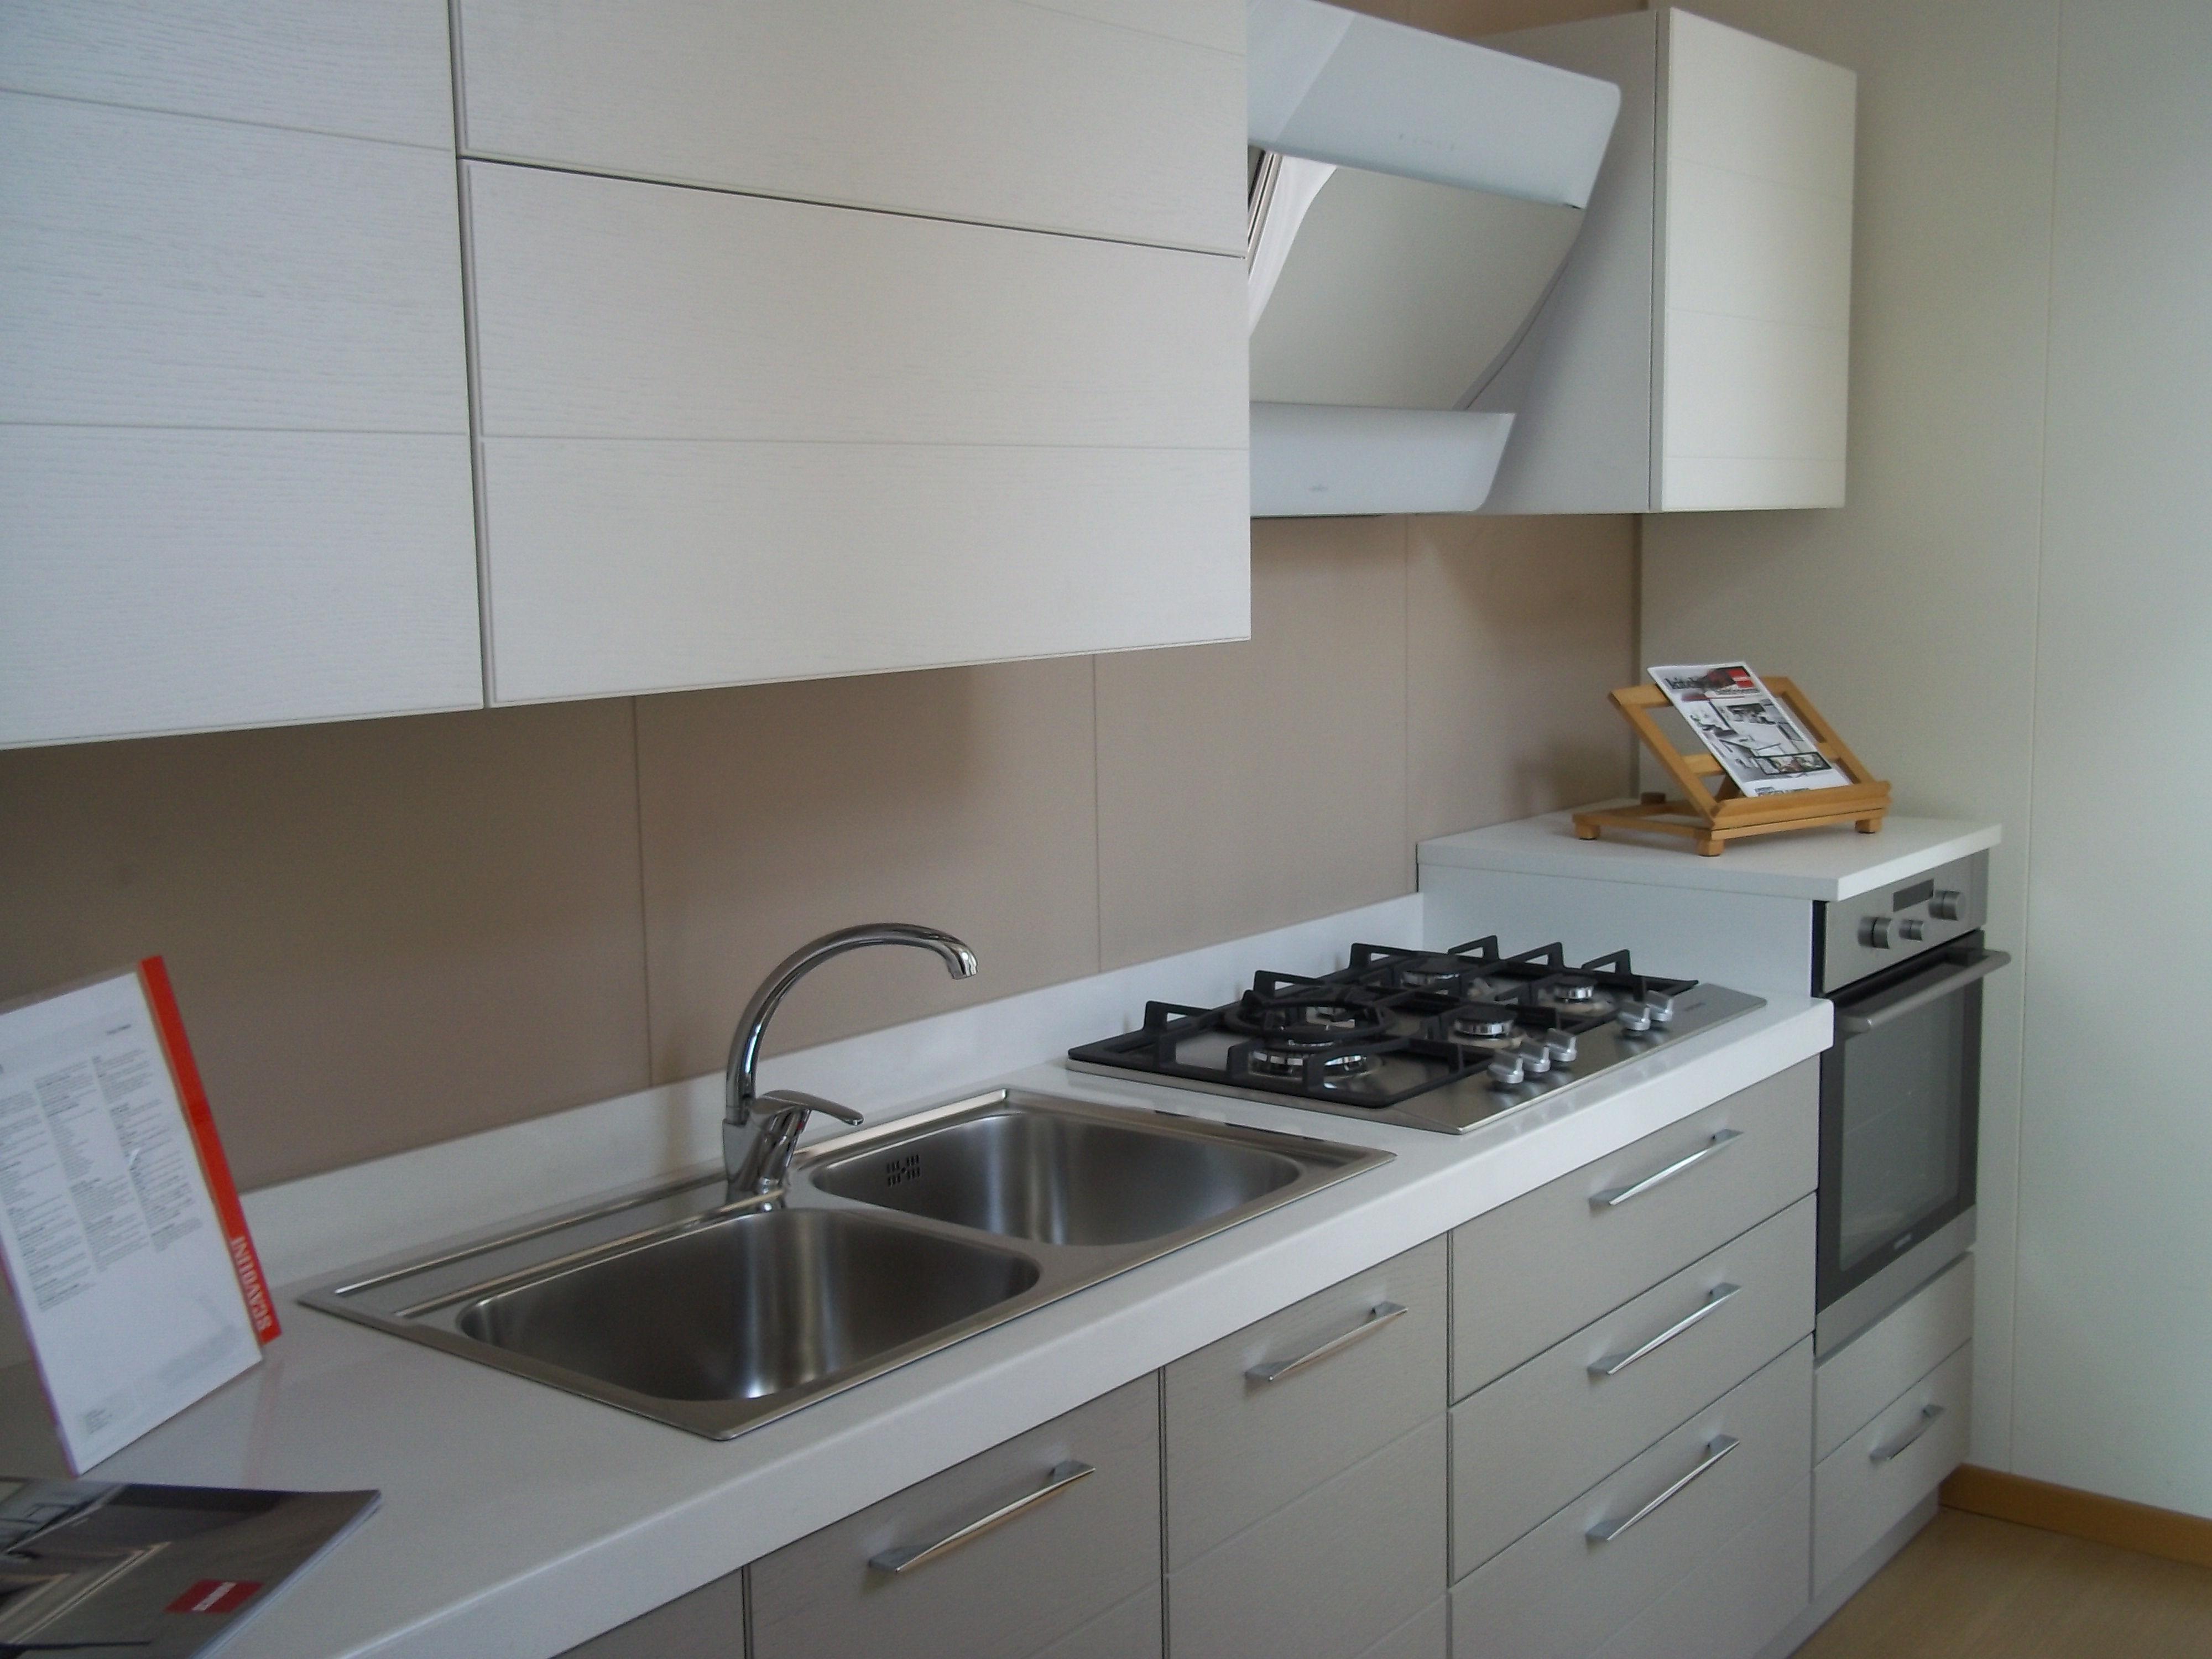 Cucine Scavolini In Legno : Scavolini open legno cucine a prezzi scontati